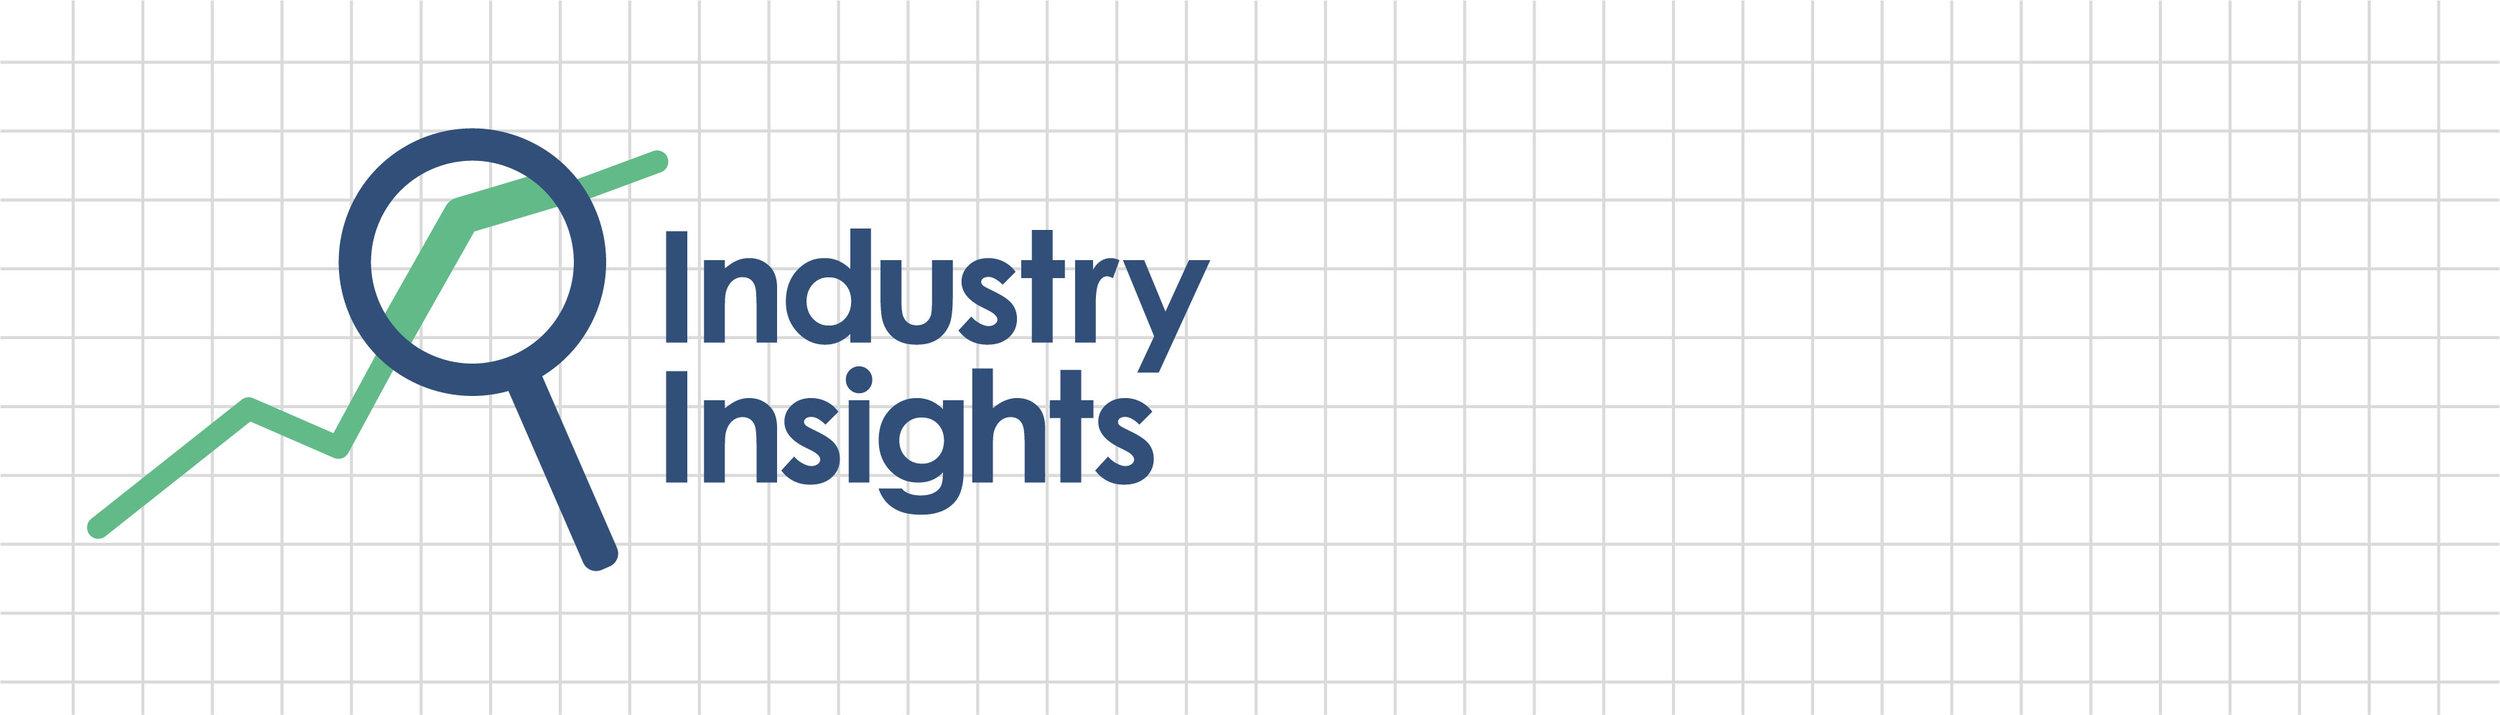 industry insights logo 4.jpg